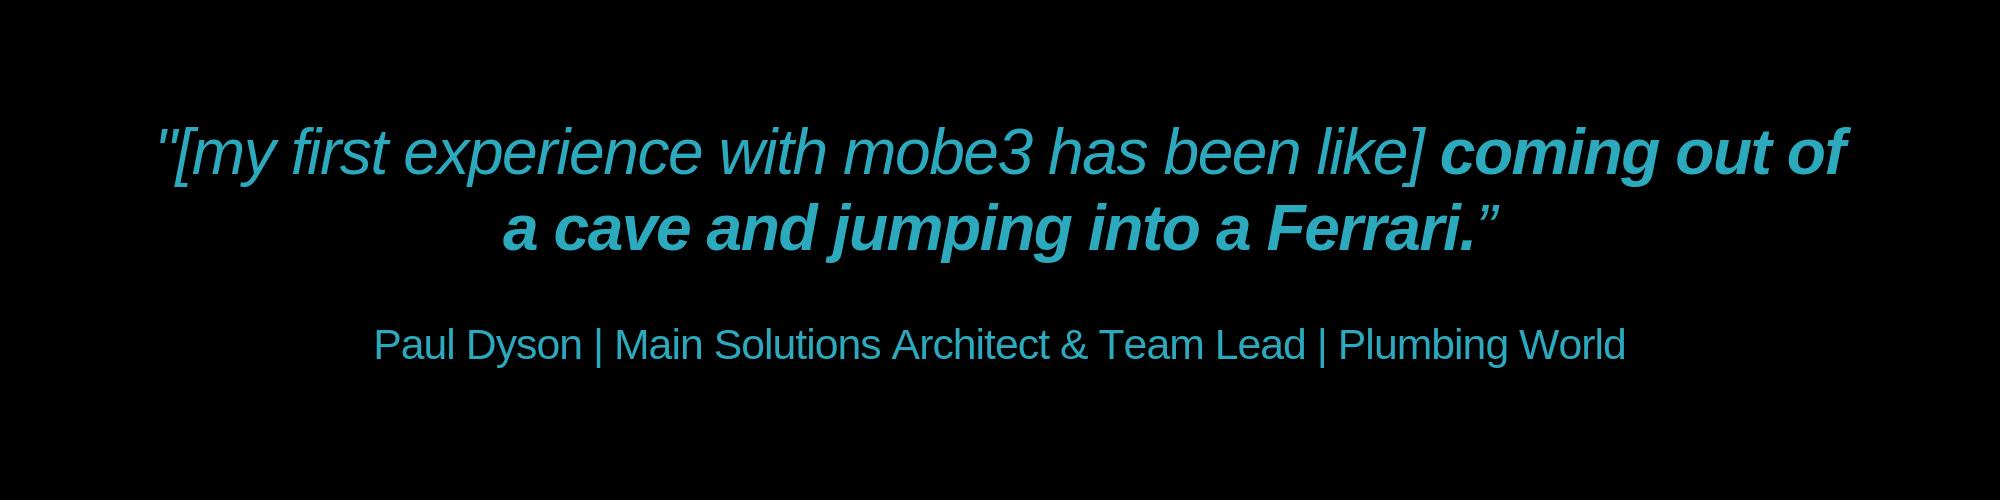 mobe3 testimonial, Plumbing World